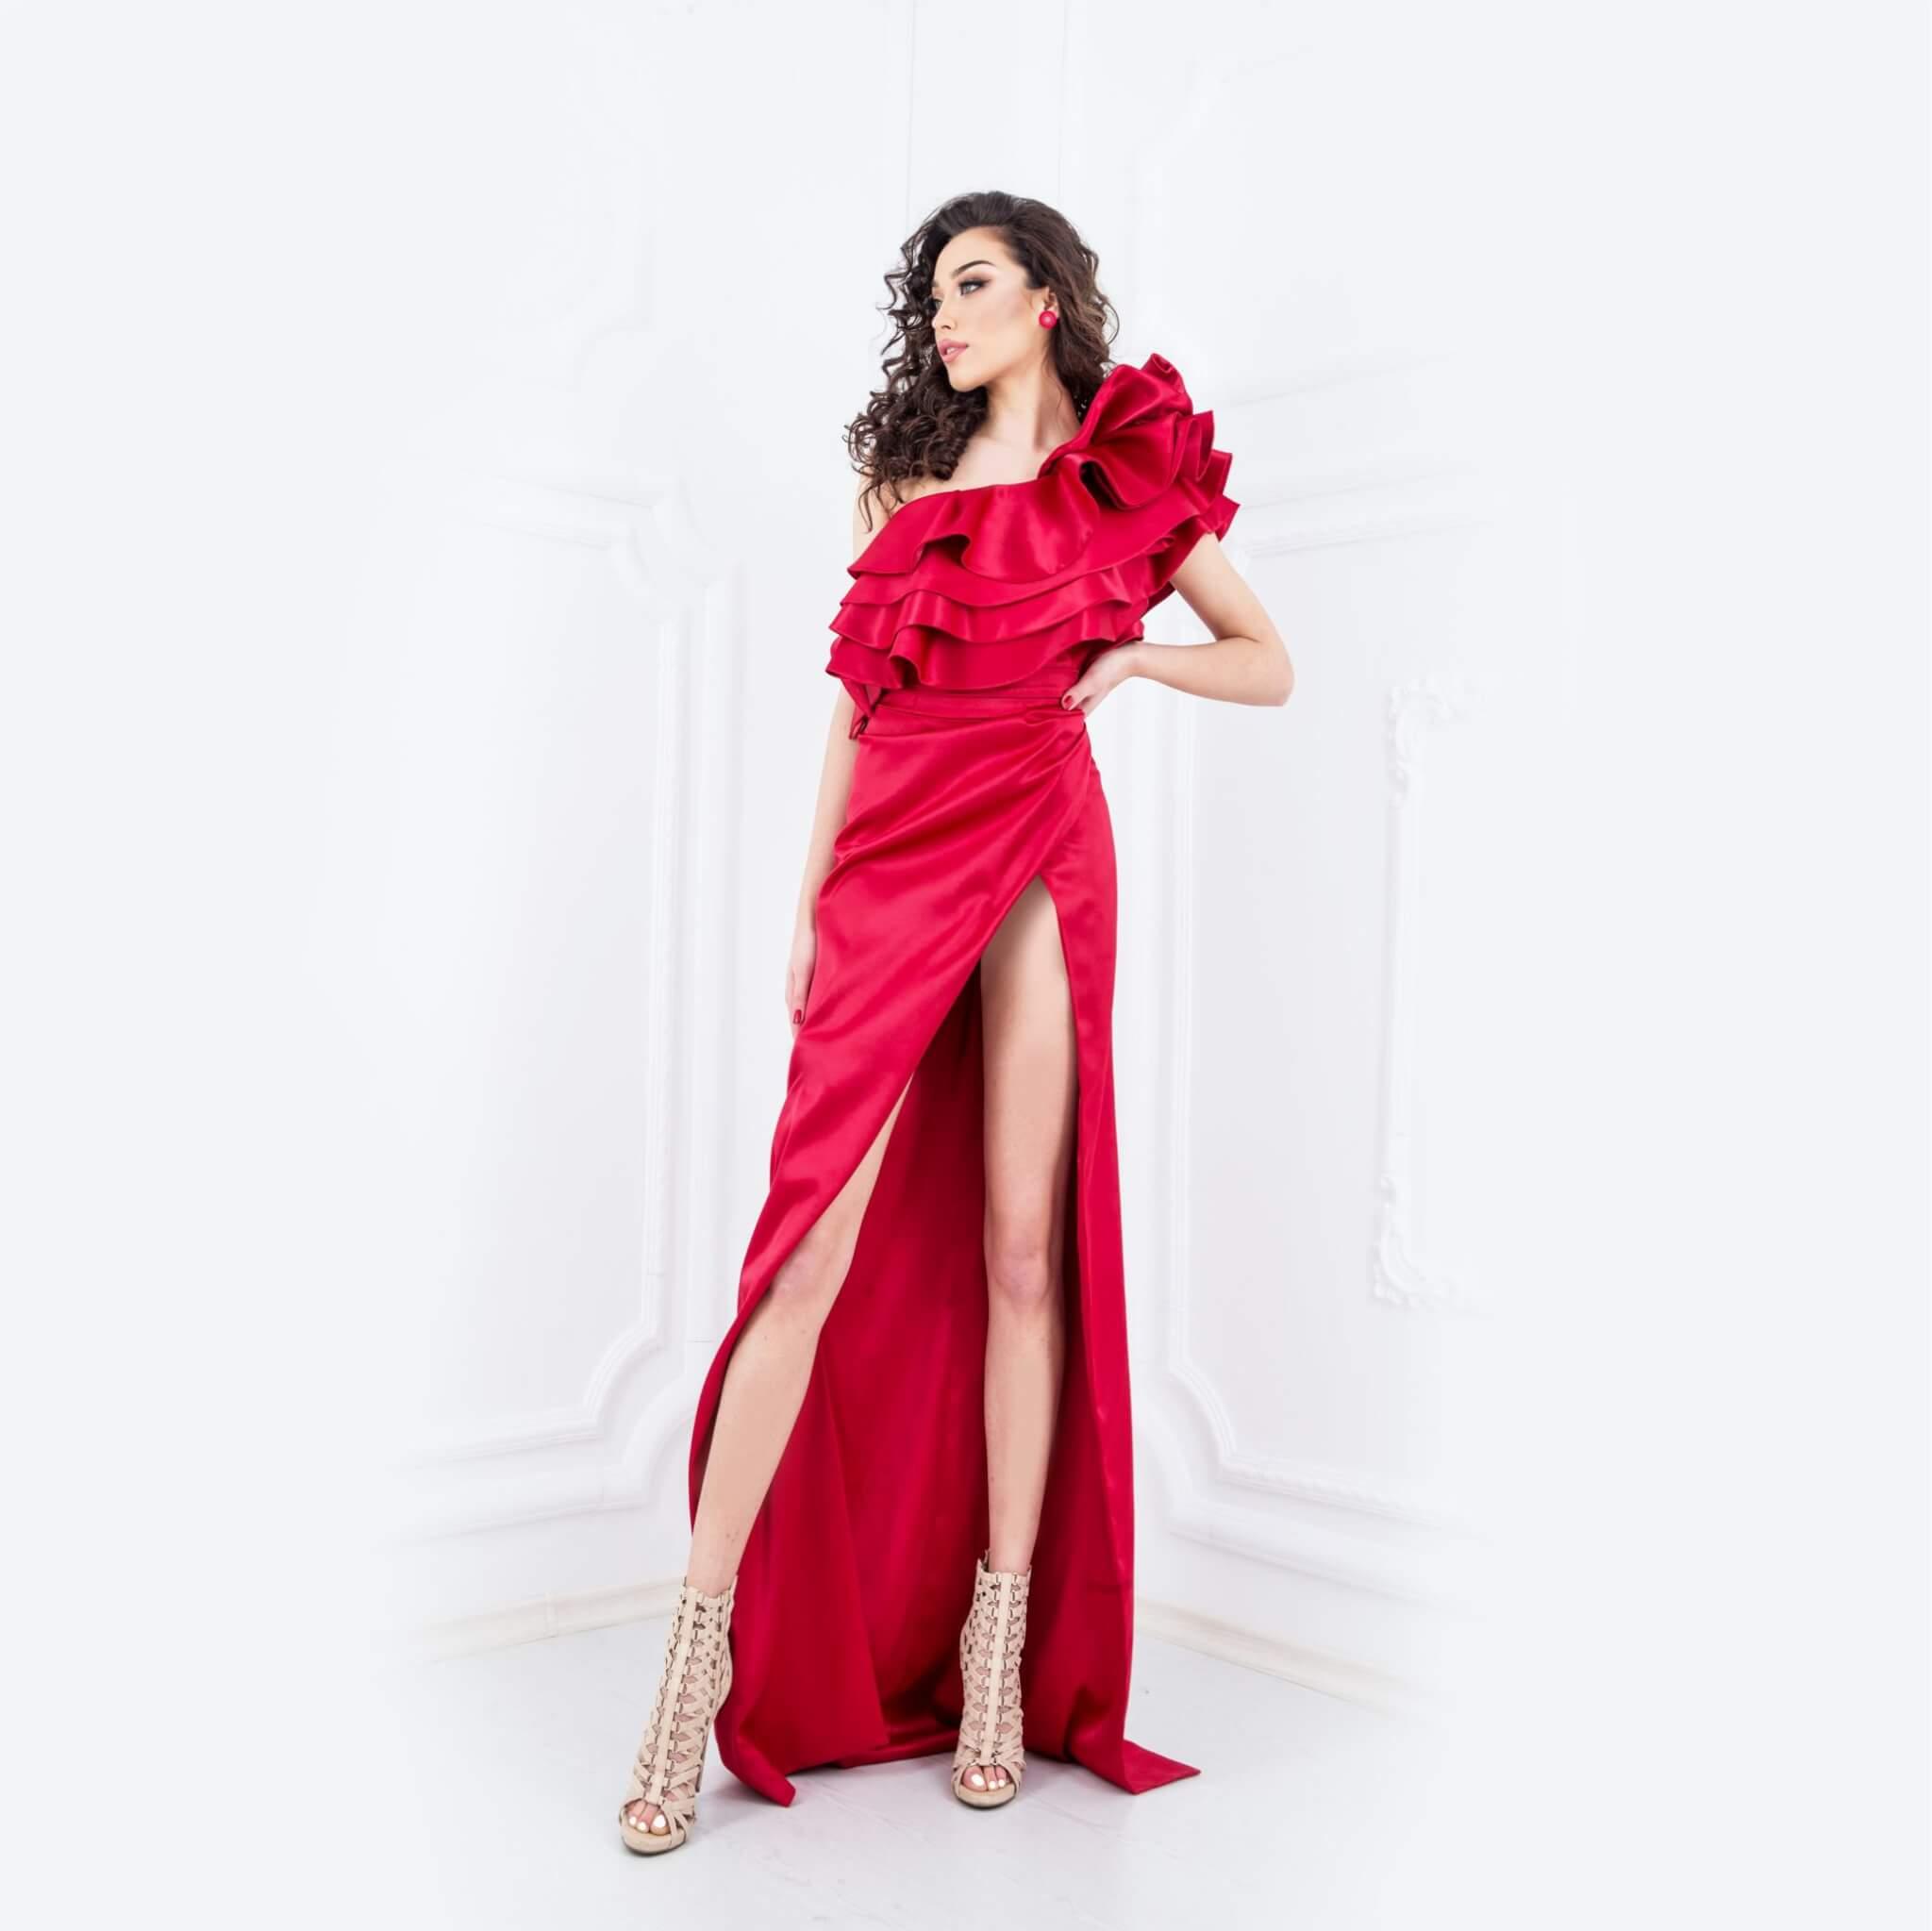 Червена сатенена рокля с ръчно израбптени декорации - 1950 лв.